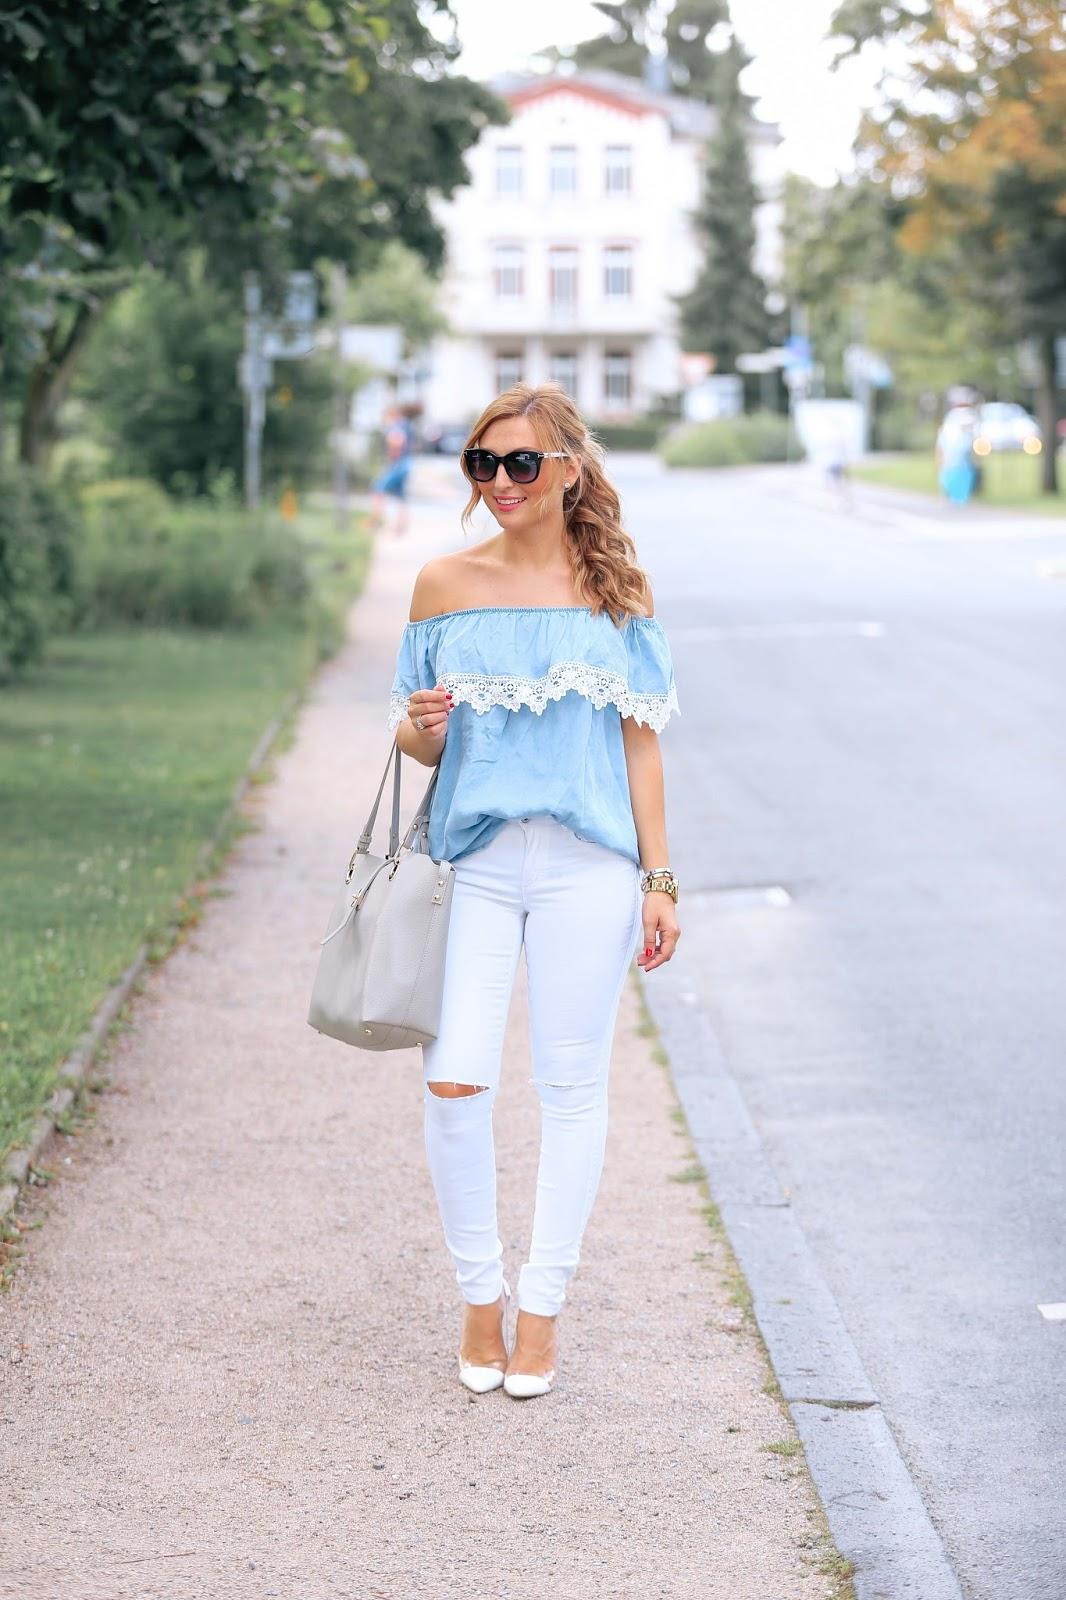 Streetstyle-fashionblog-muenchen-styleblog-frankfurt-blogger-deutschland-fashionblogger-bloggerdeutschland-lifestyleblog-modeblog-weiße-jeans-sonnenbrille